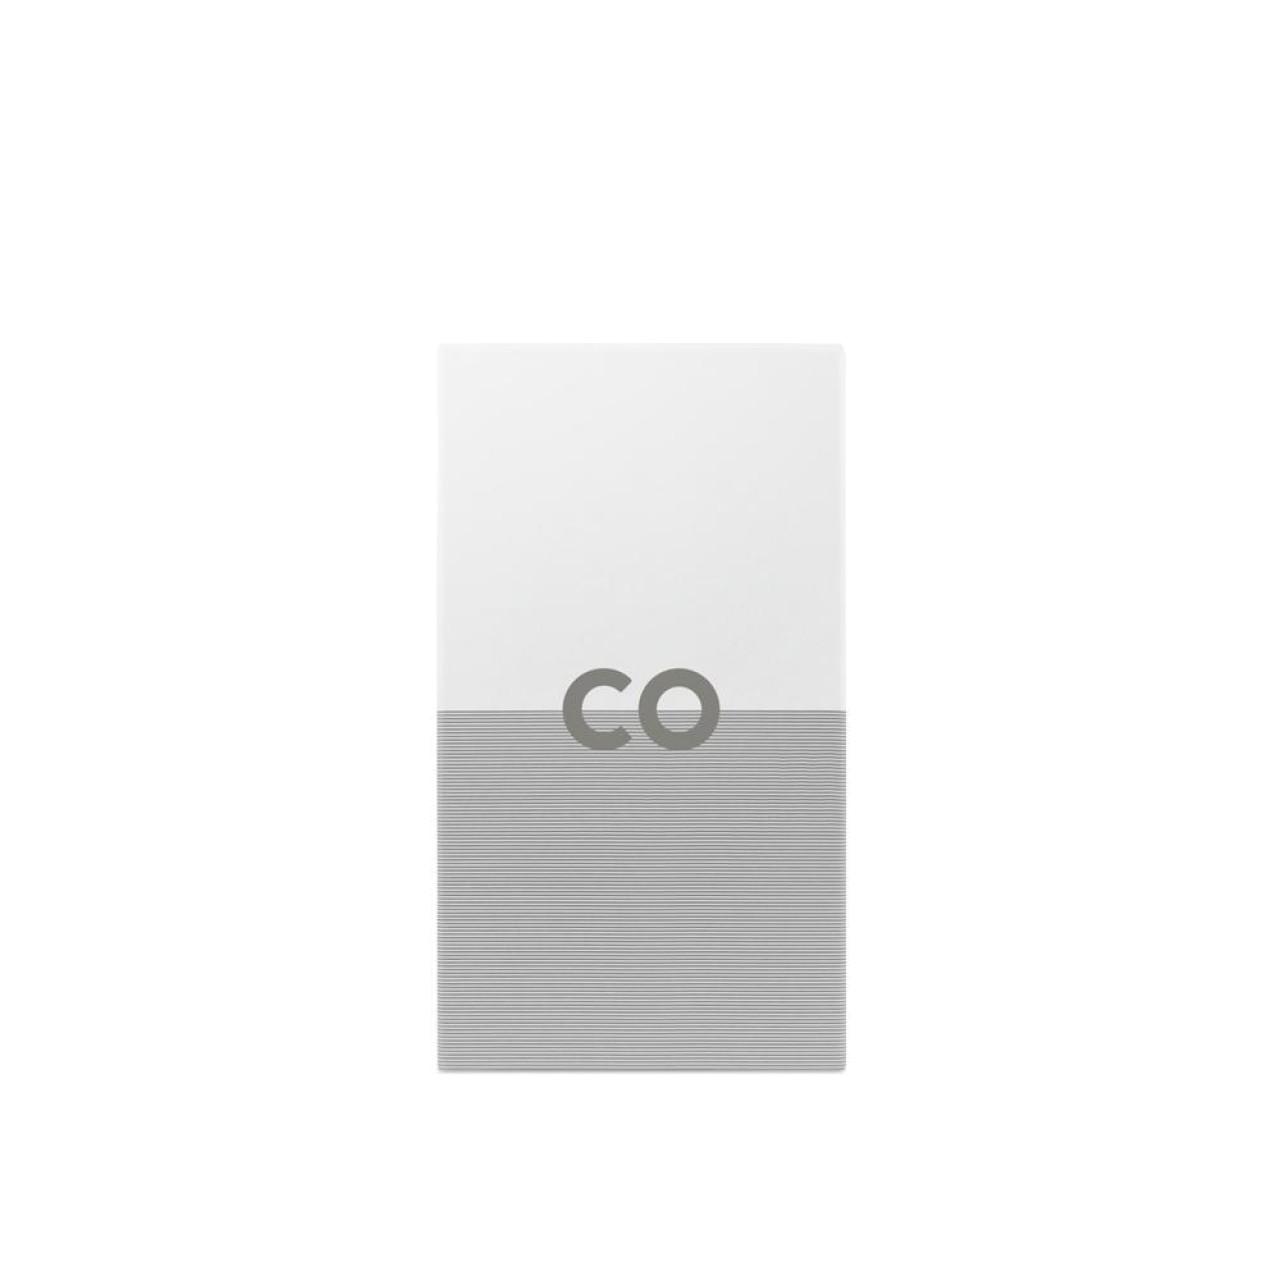 Acqua di Colonia Le fil de leau 100 ml Compagnie de Provence Italia CPPF0107CO100FE-01